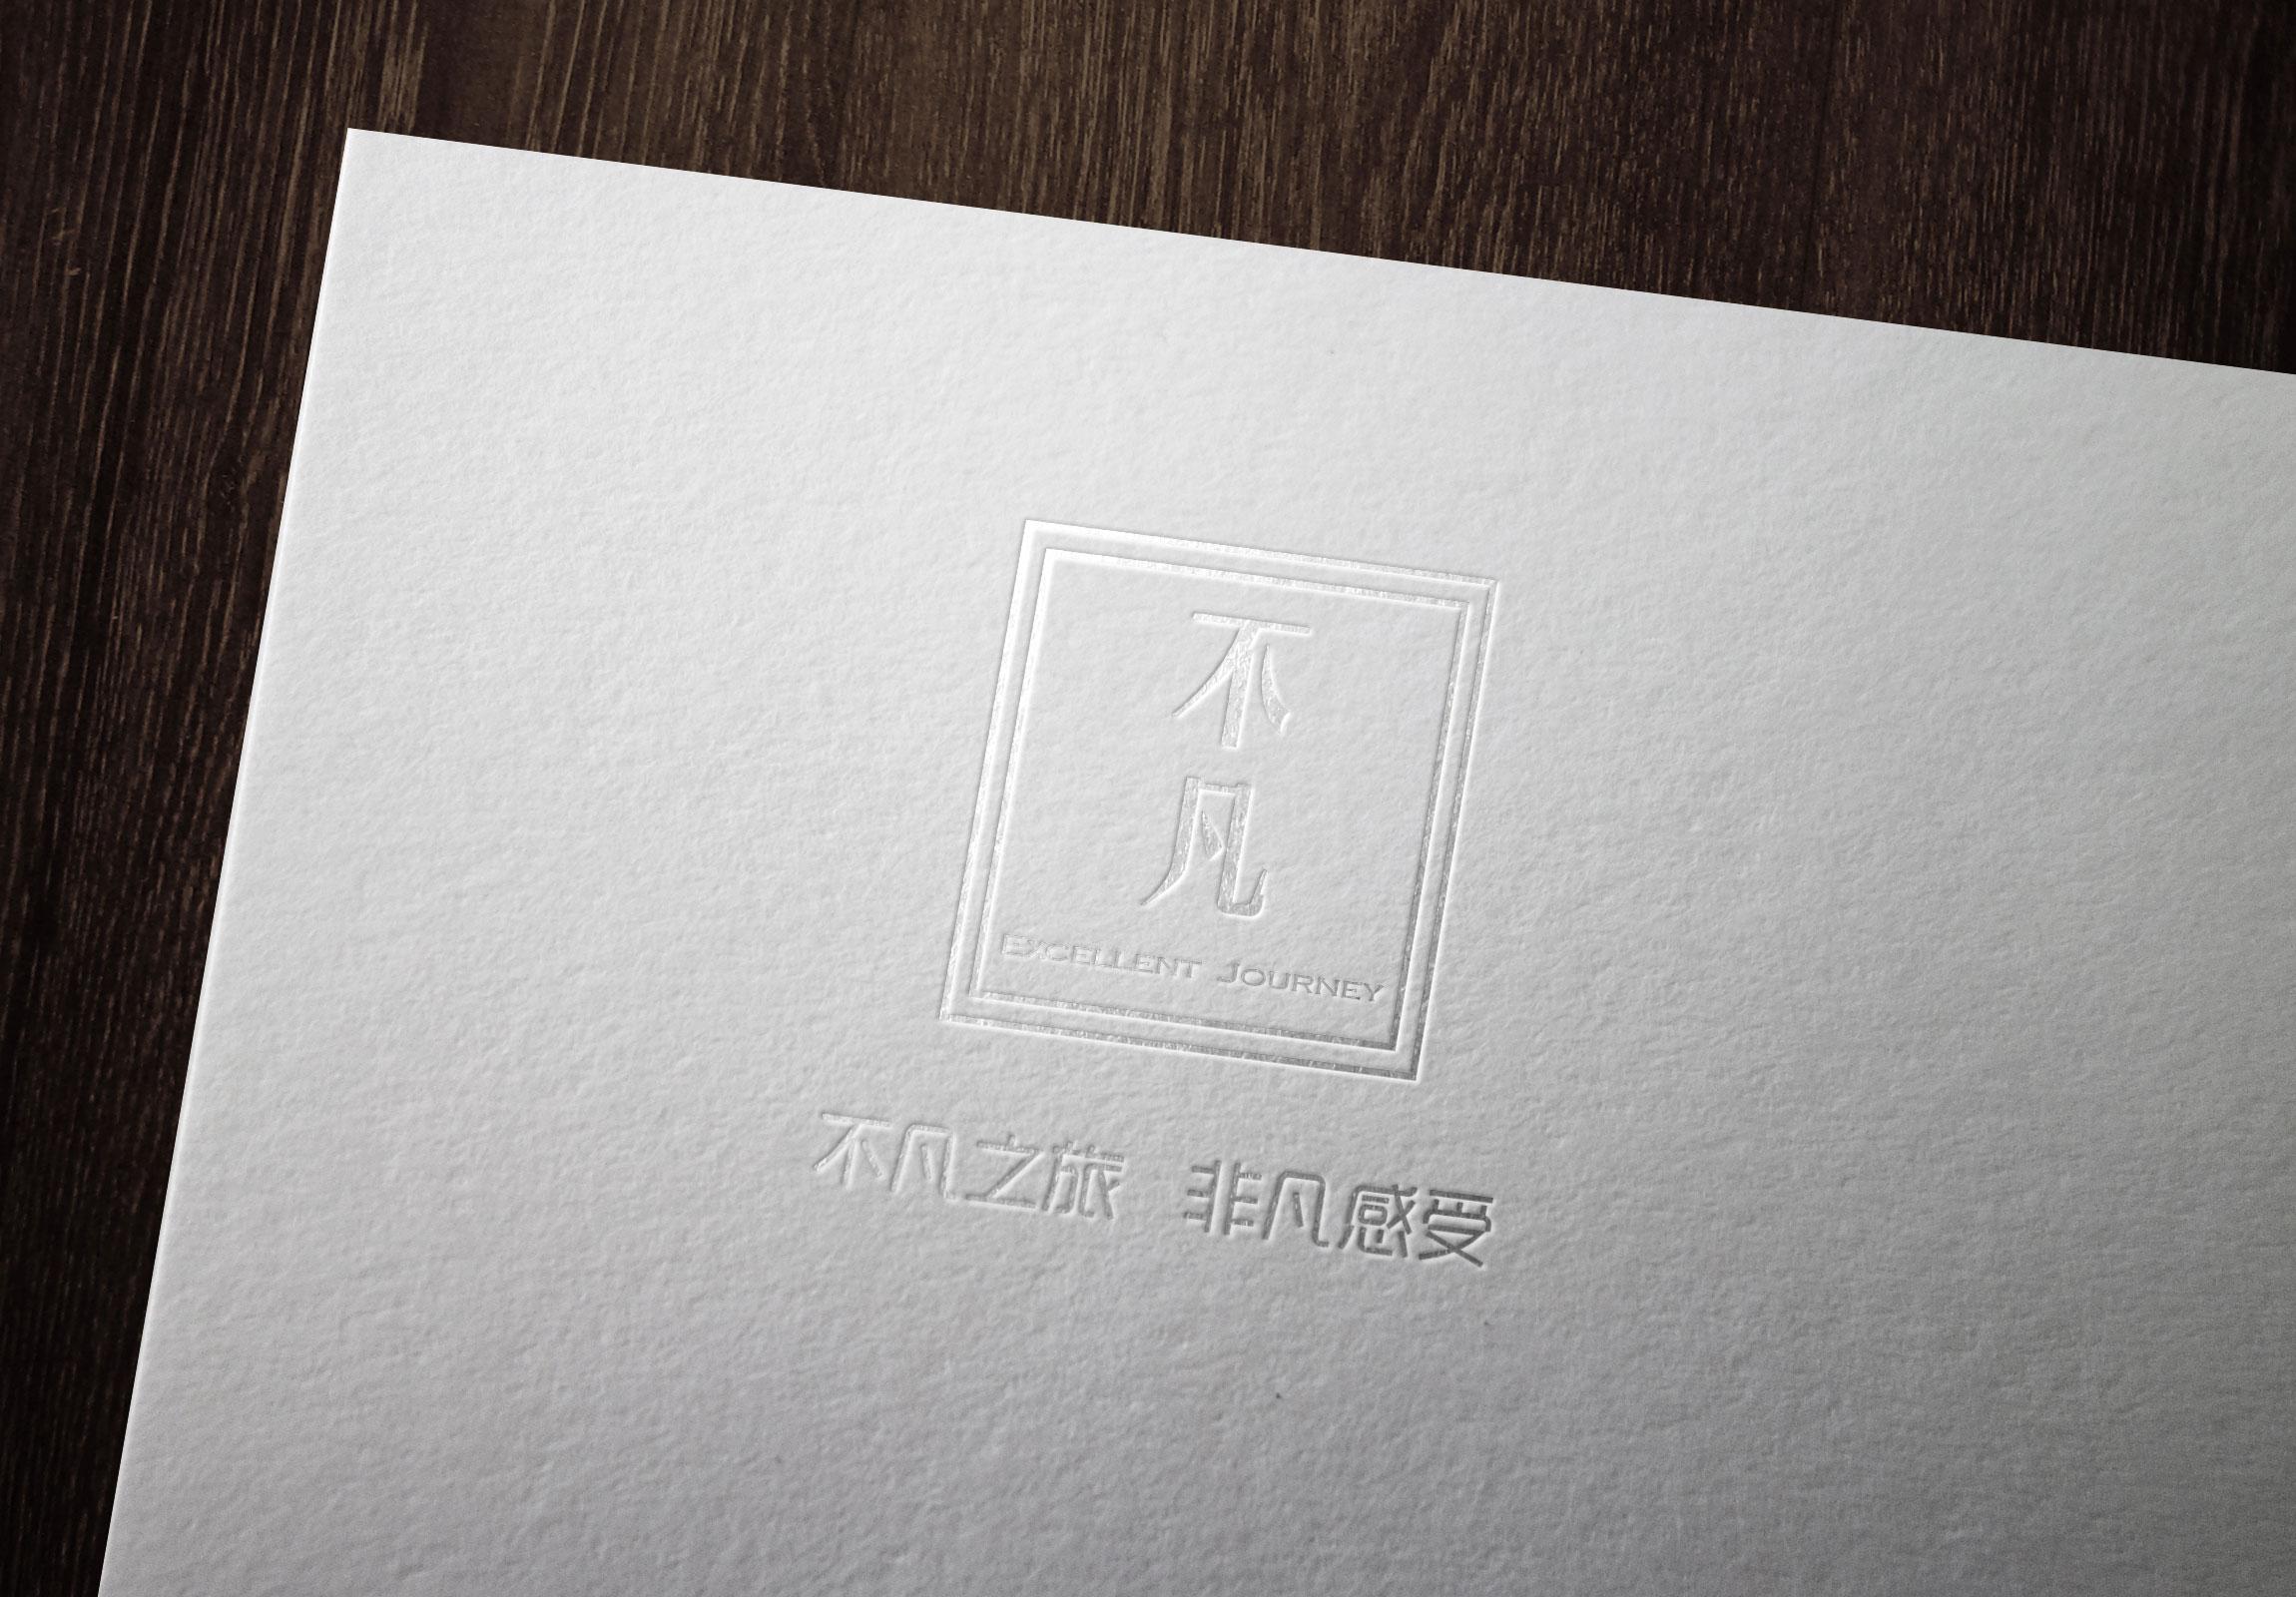 不凡之旅logo效果图